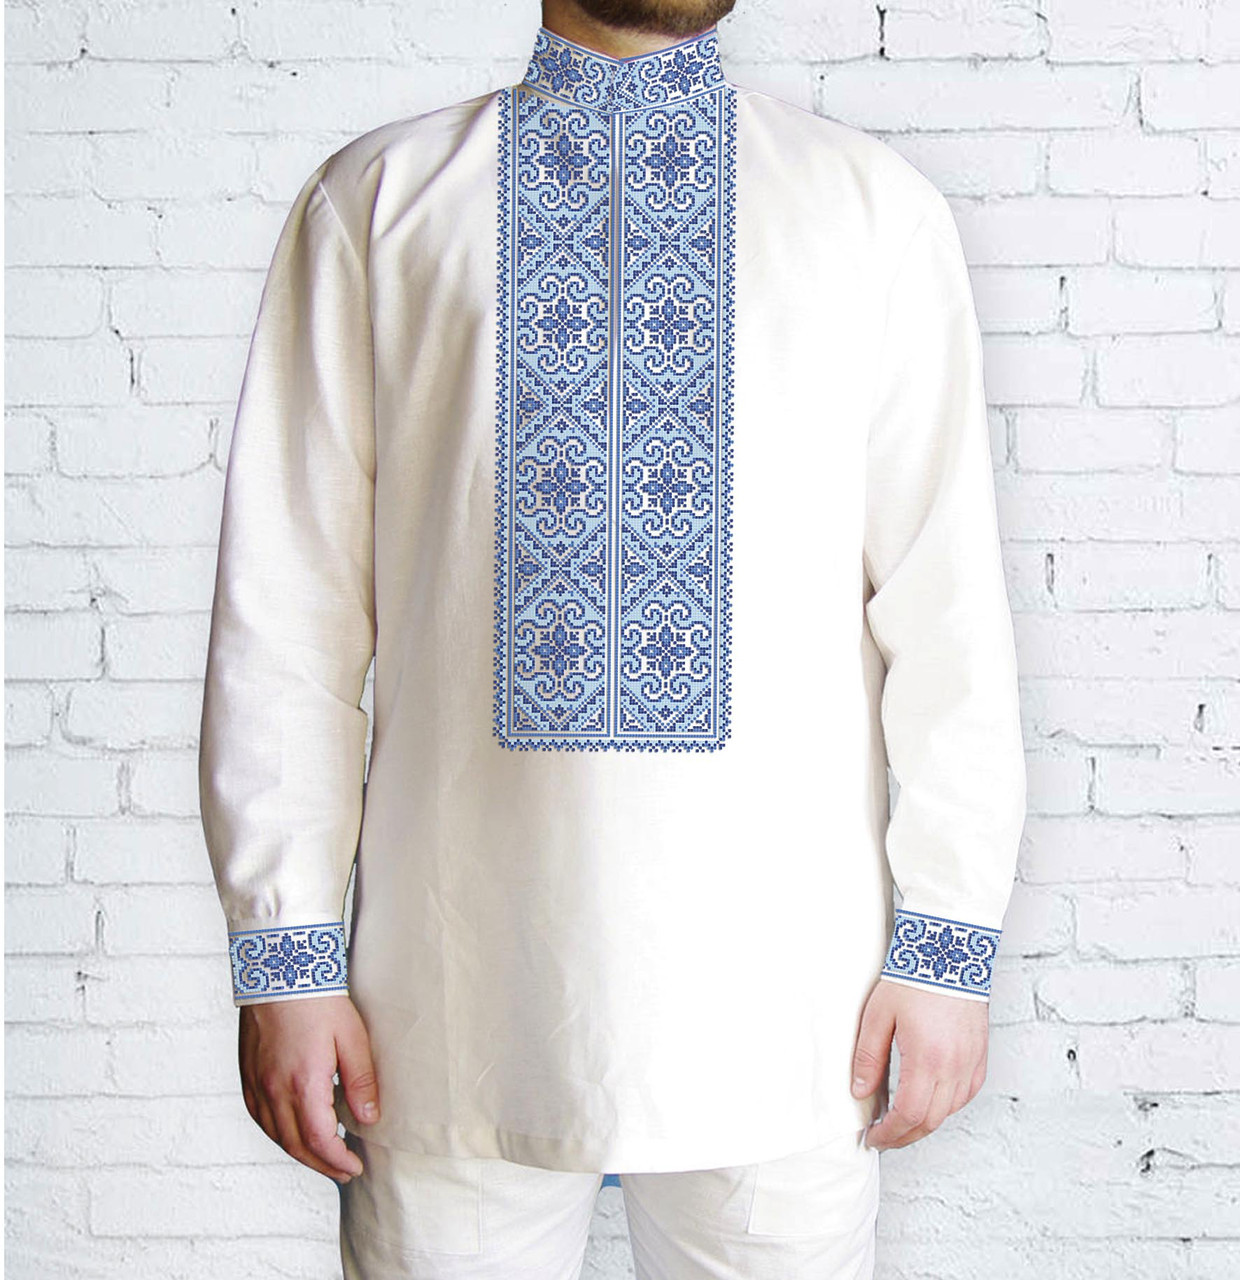 Заготовка мужской рубашки / вышиванки / сорочки для вышивки / вышивания бисером или нитками «Орнамент 519 Г»